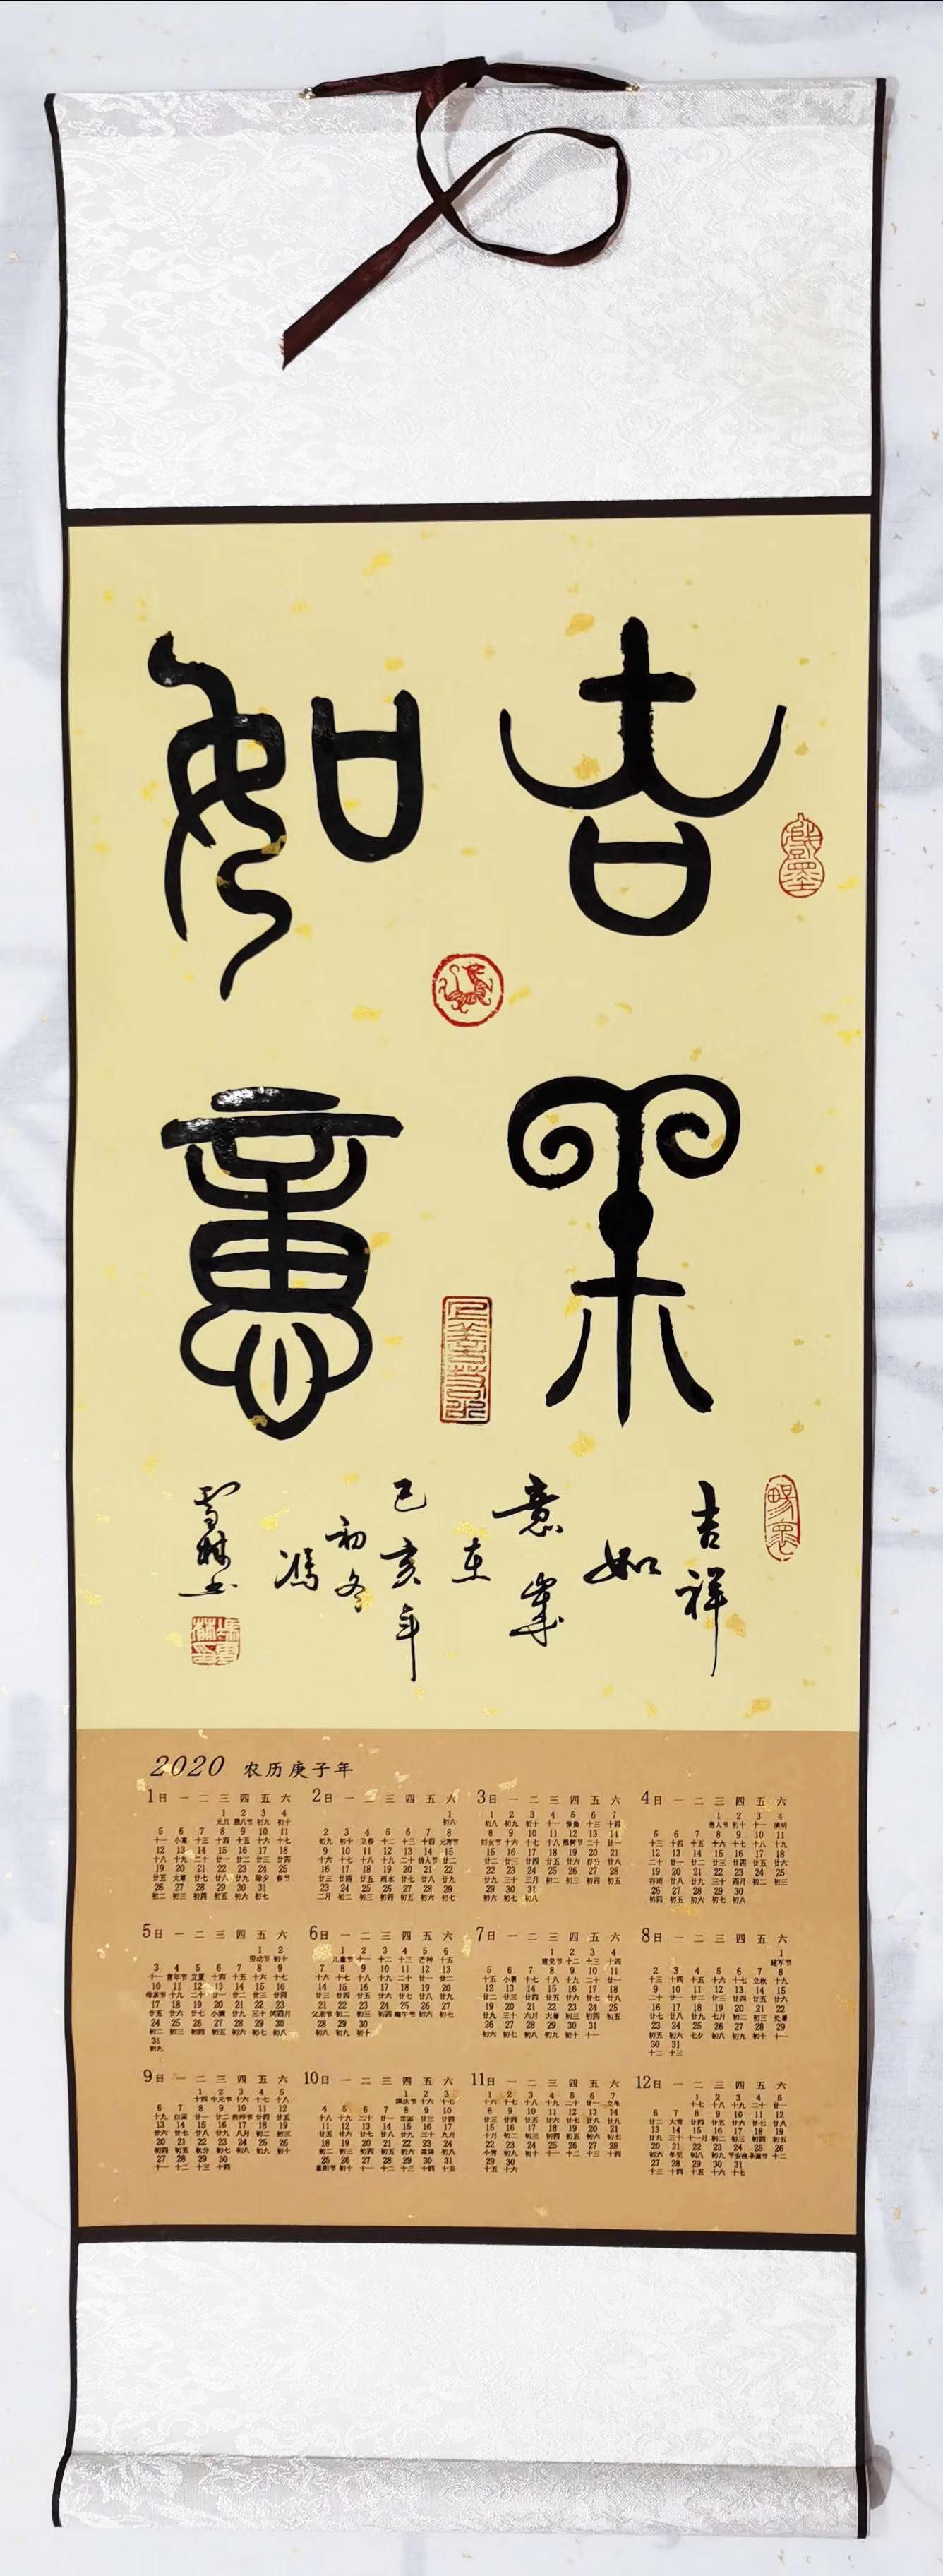 吉祥如意书法字体图片挂历欣赏